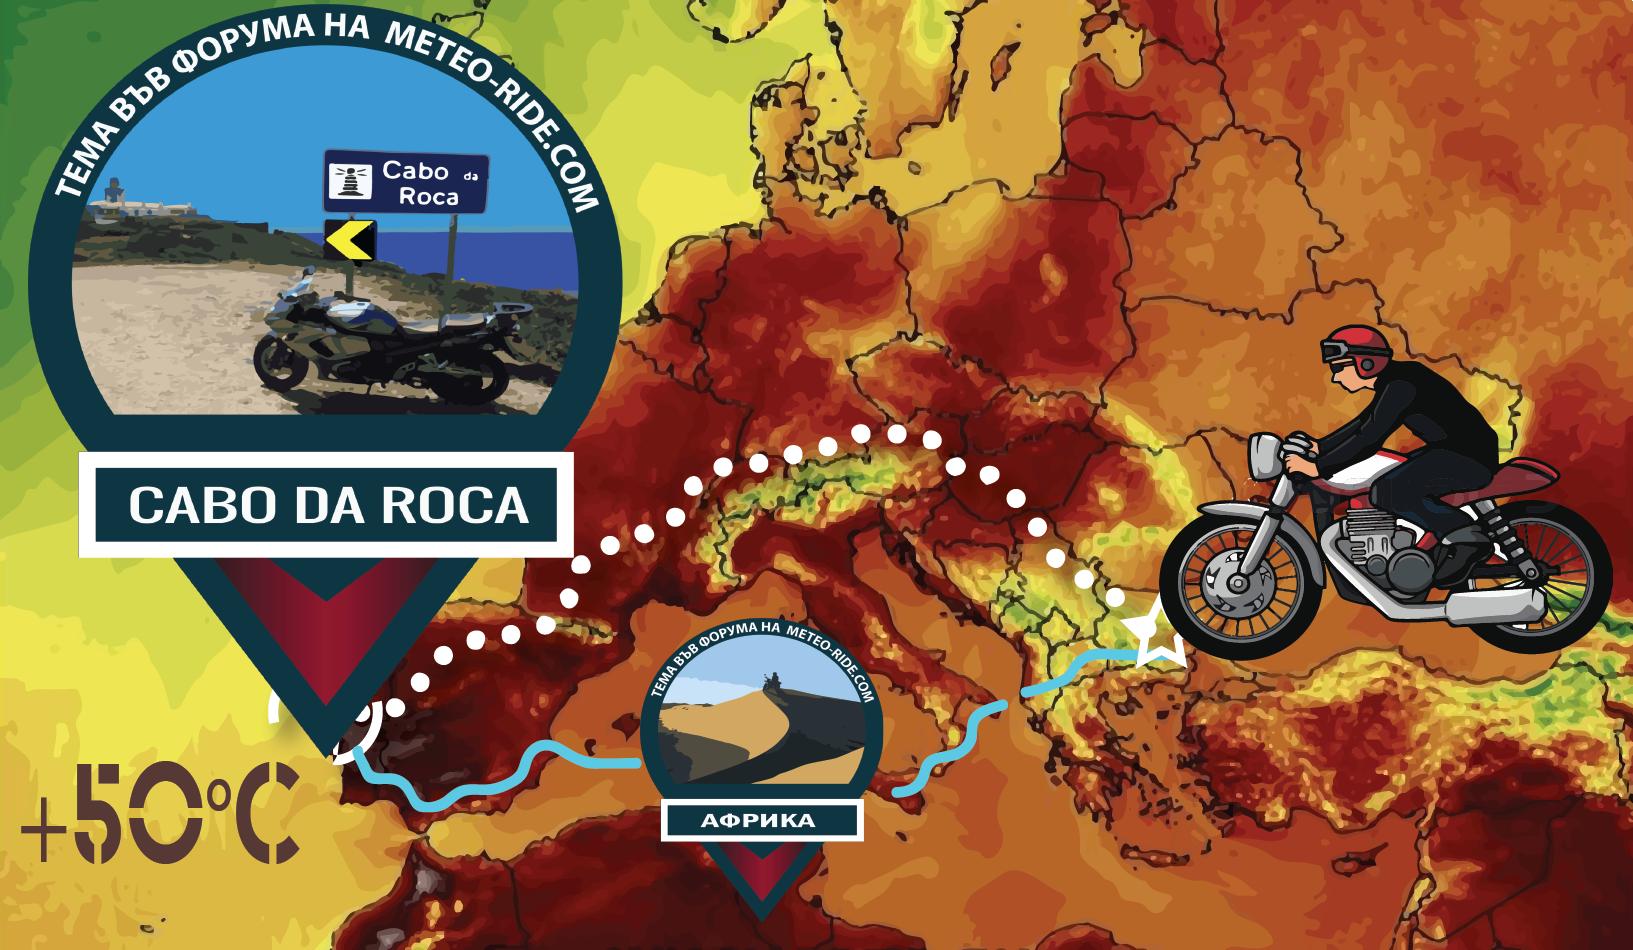 Внимание за триповете до Кабу да Рока. Живакът ще удари +50°C в Португалия през уикенда. Някои правила за пътуване в жега